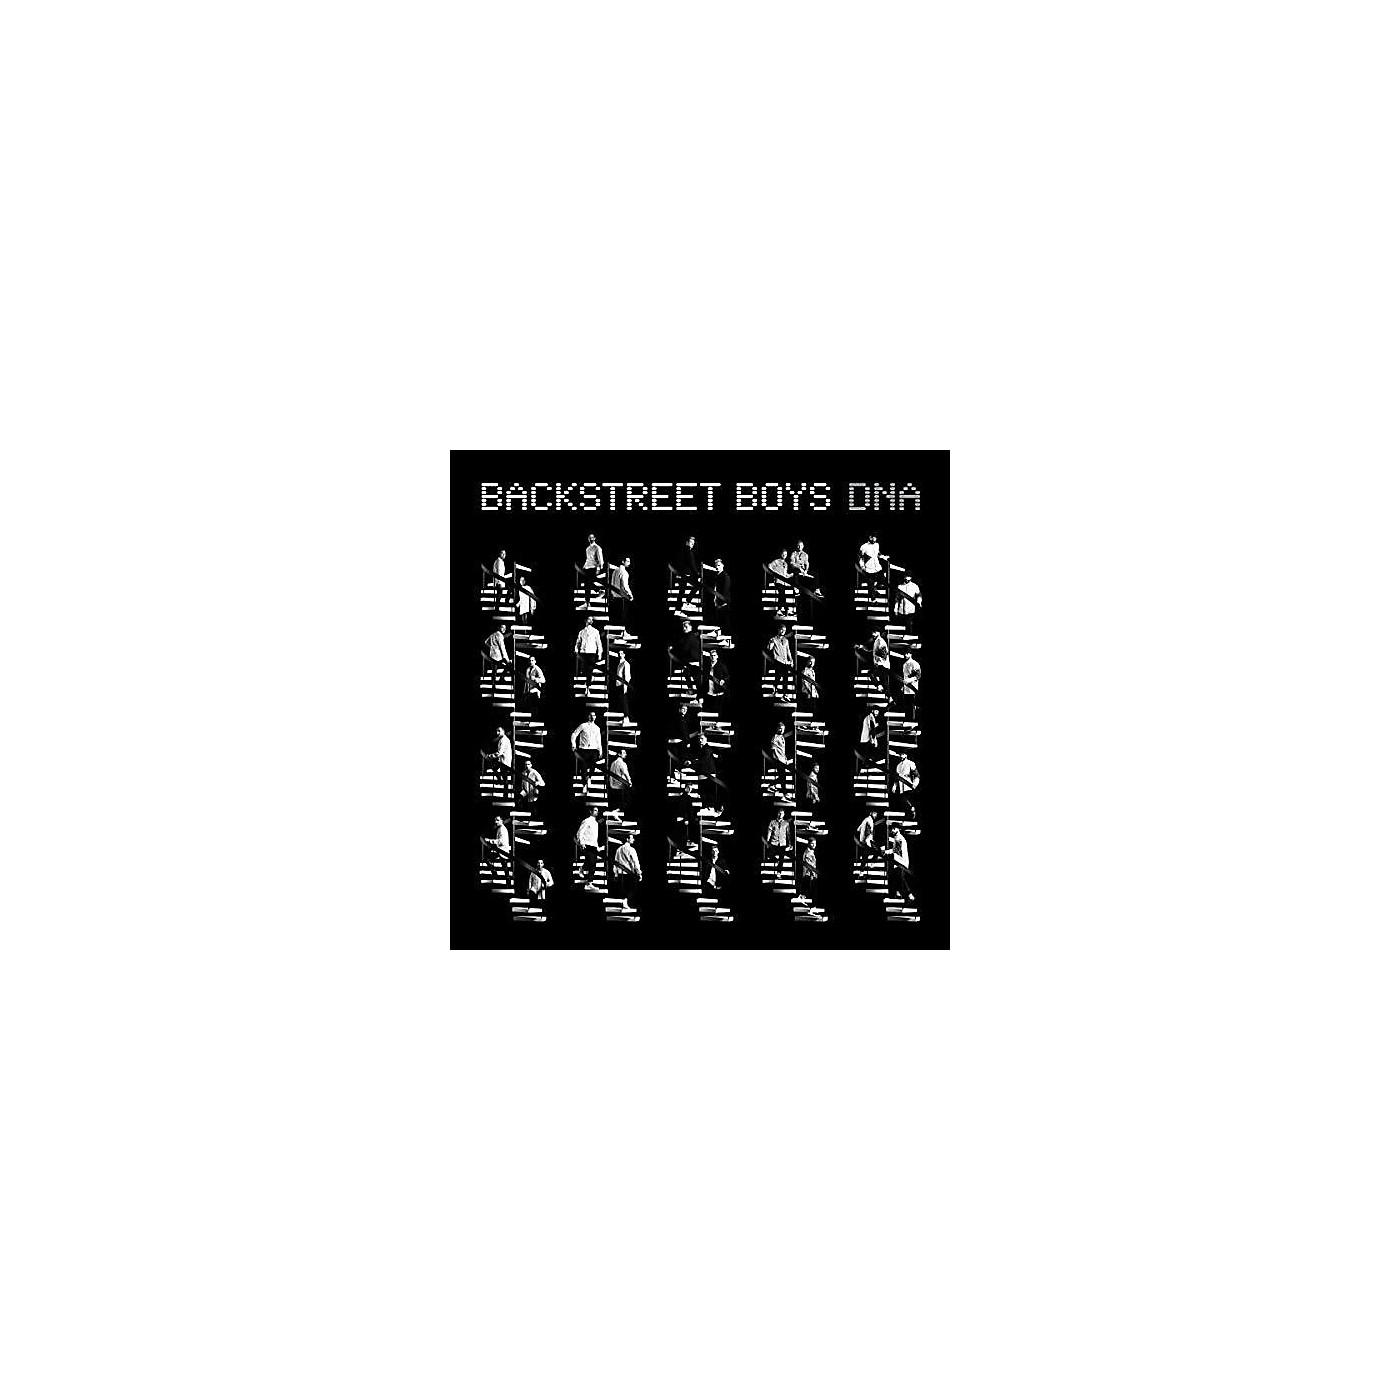 Alliance Backstreet Boys - DNA thumbnail